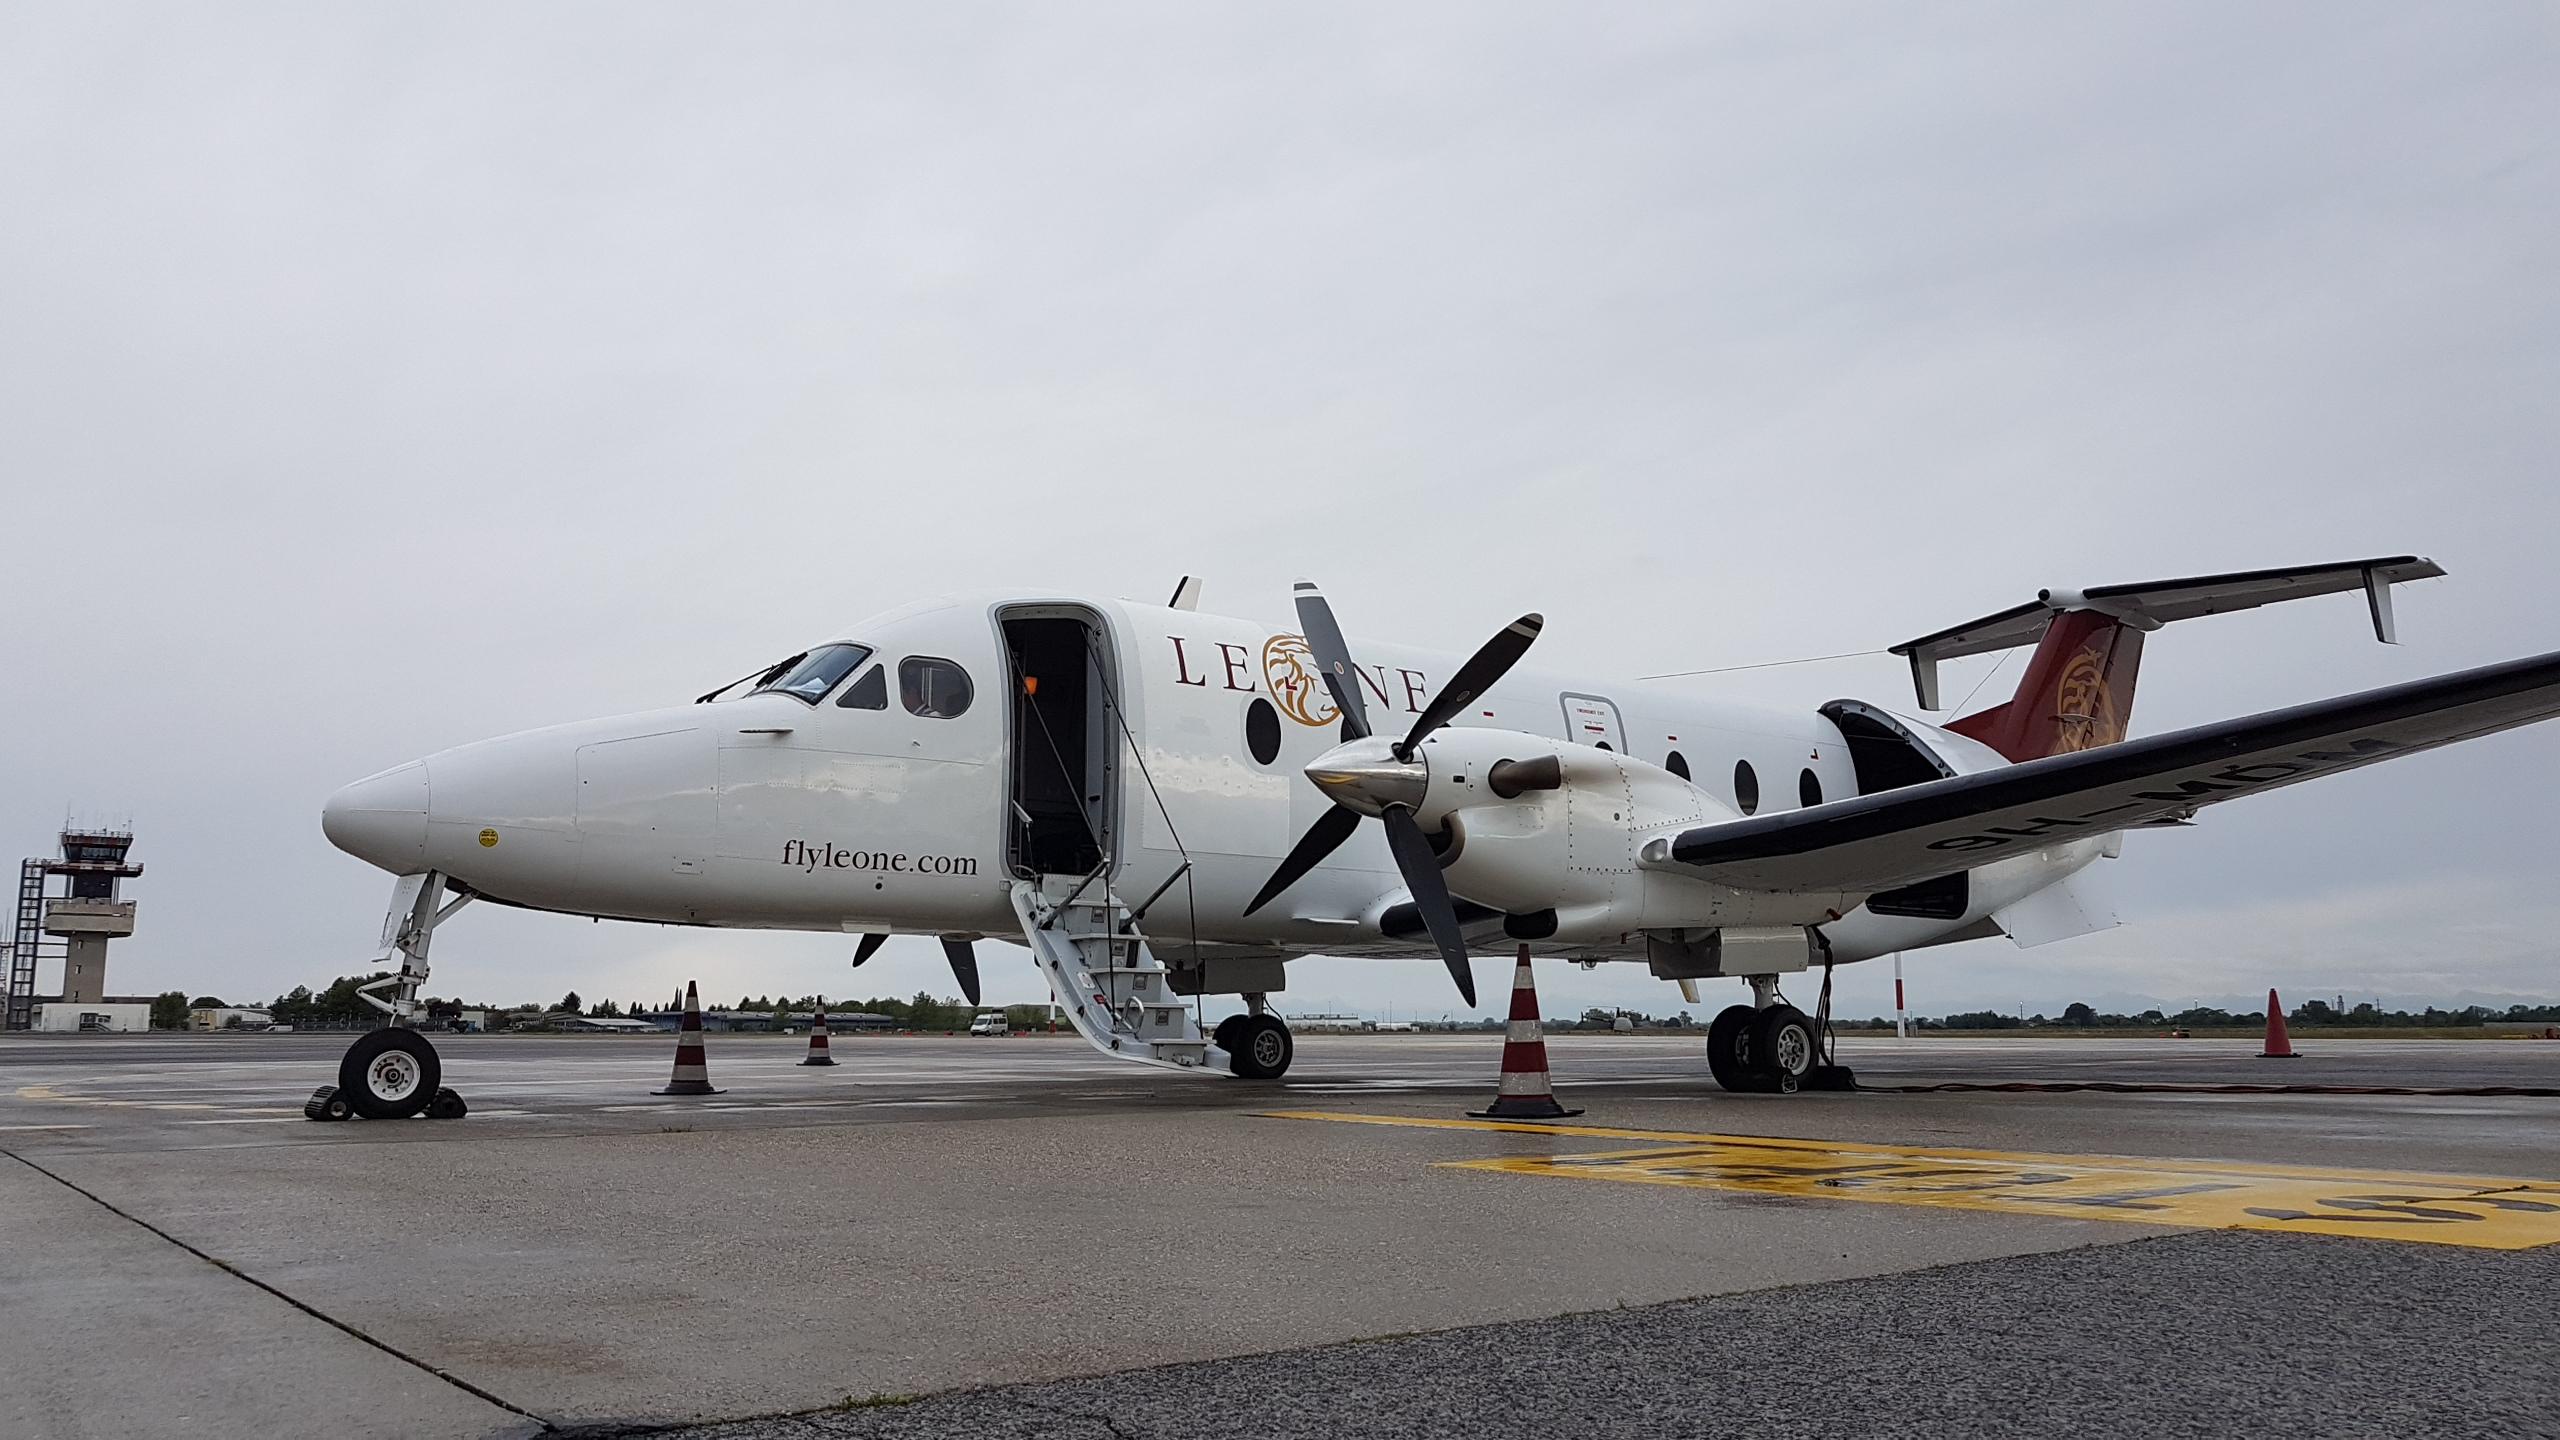 Immagine per Partiti oggi i nuovi collegamenti dal Trieste Airport a Pescara e Genova